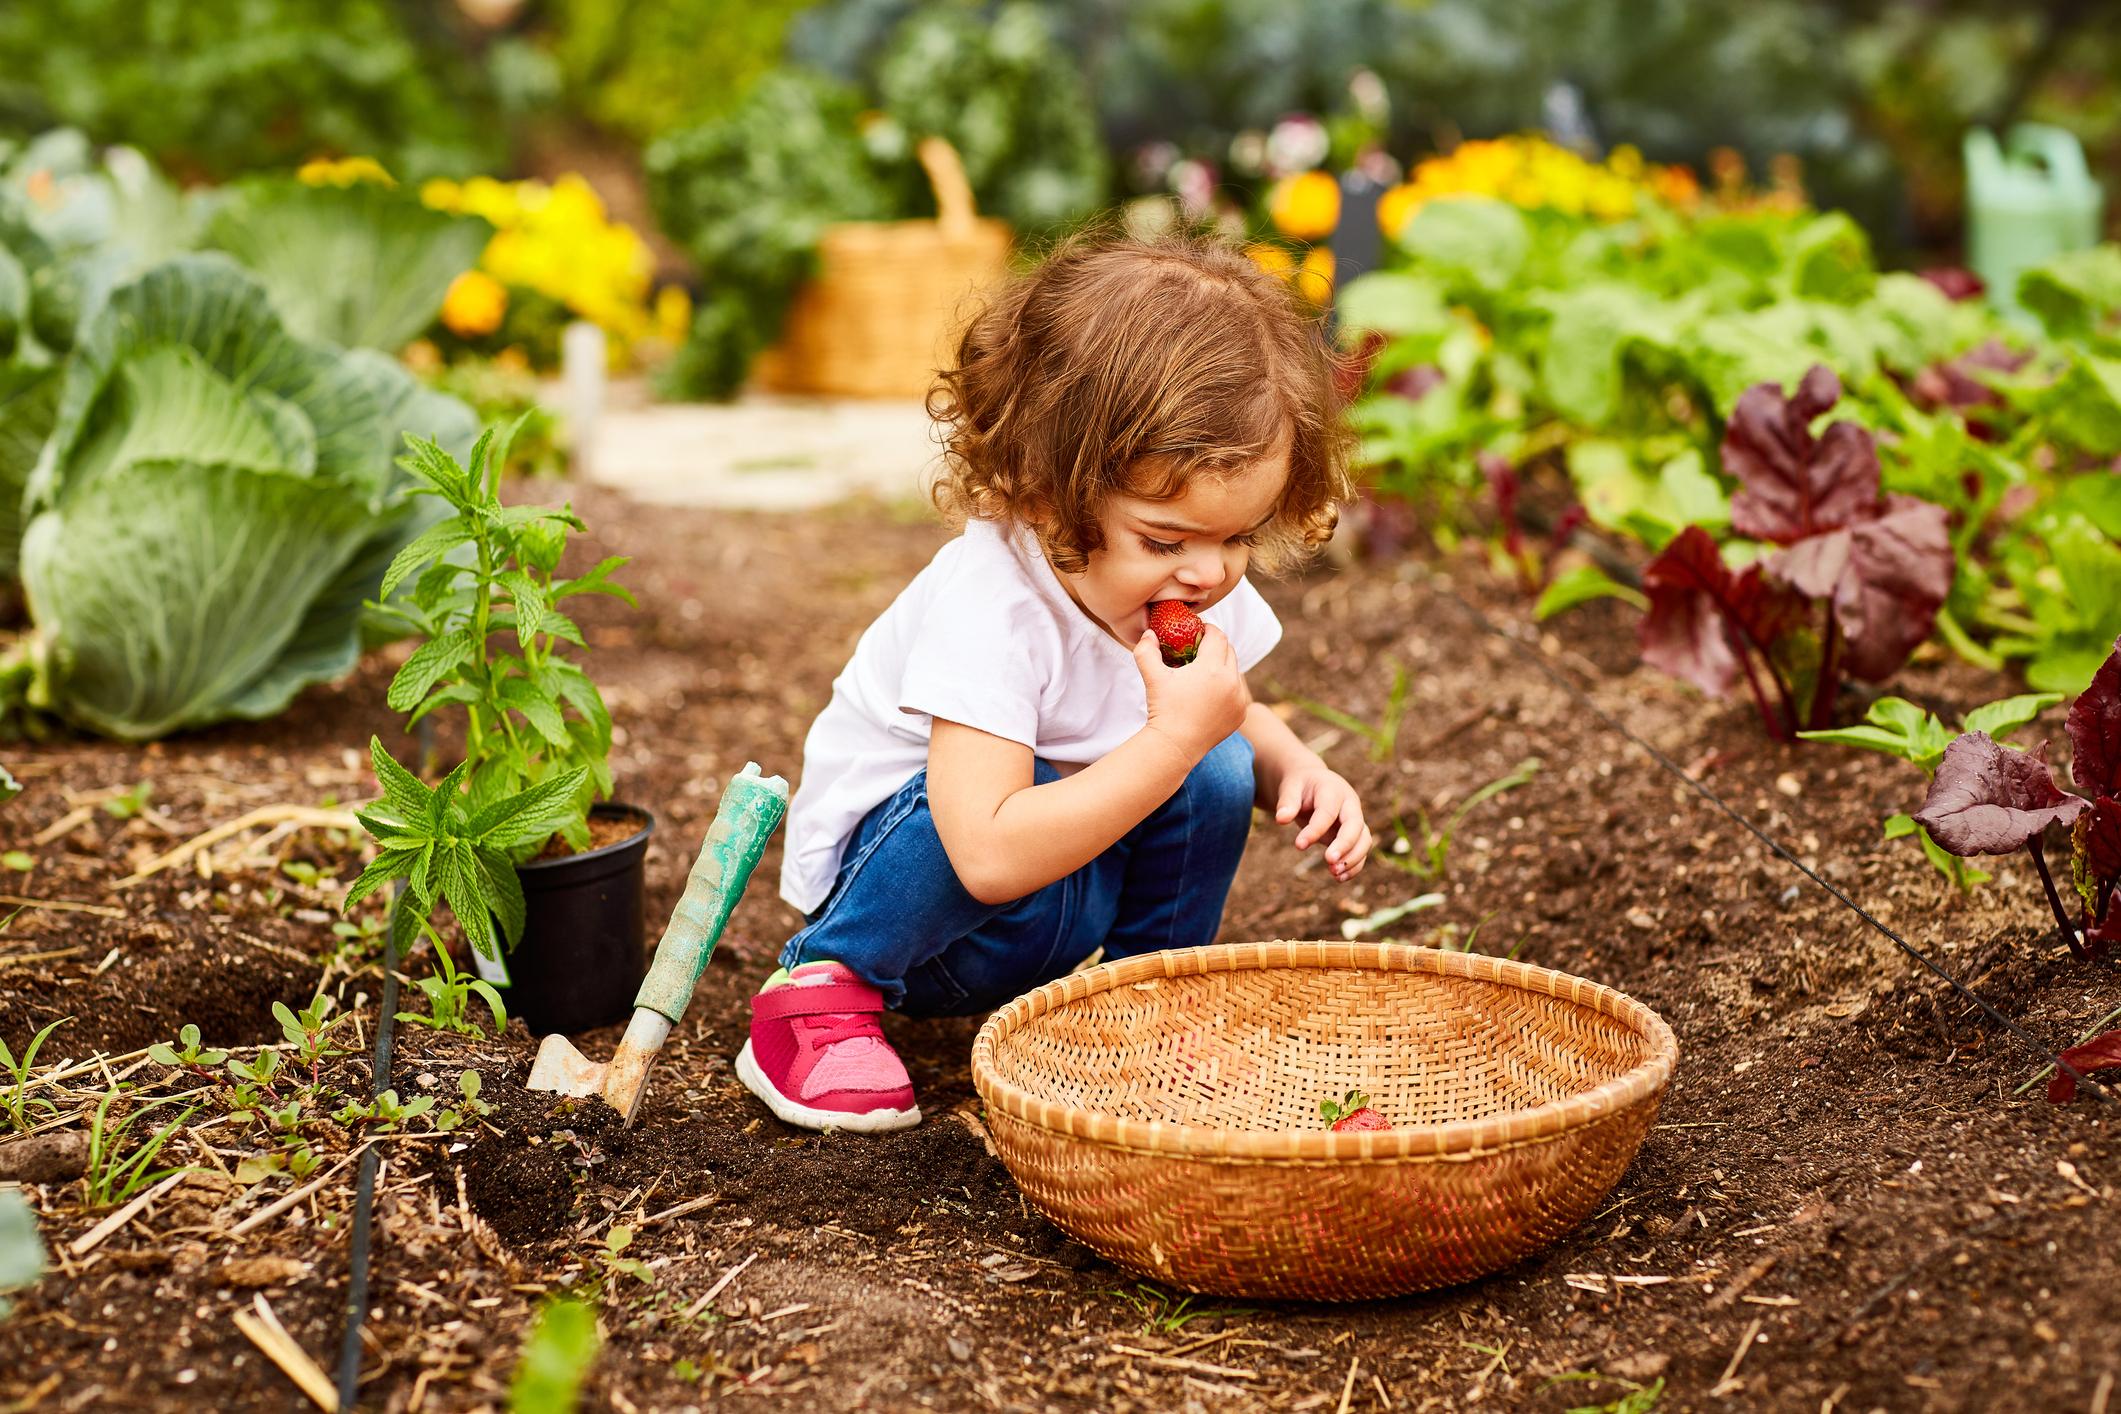 kideatingstrawberries.jpg